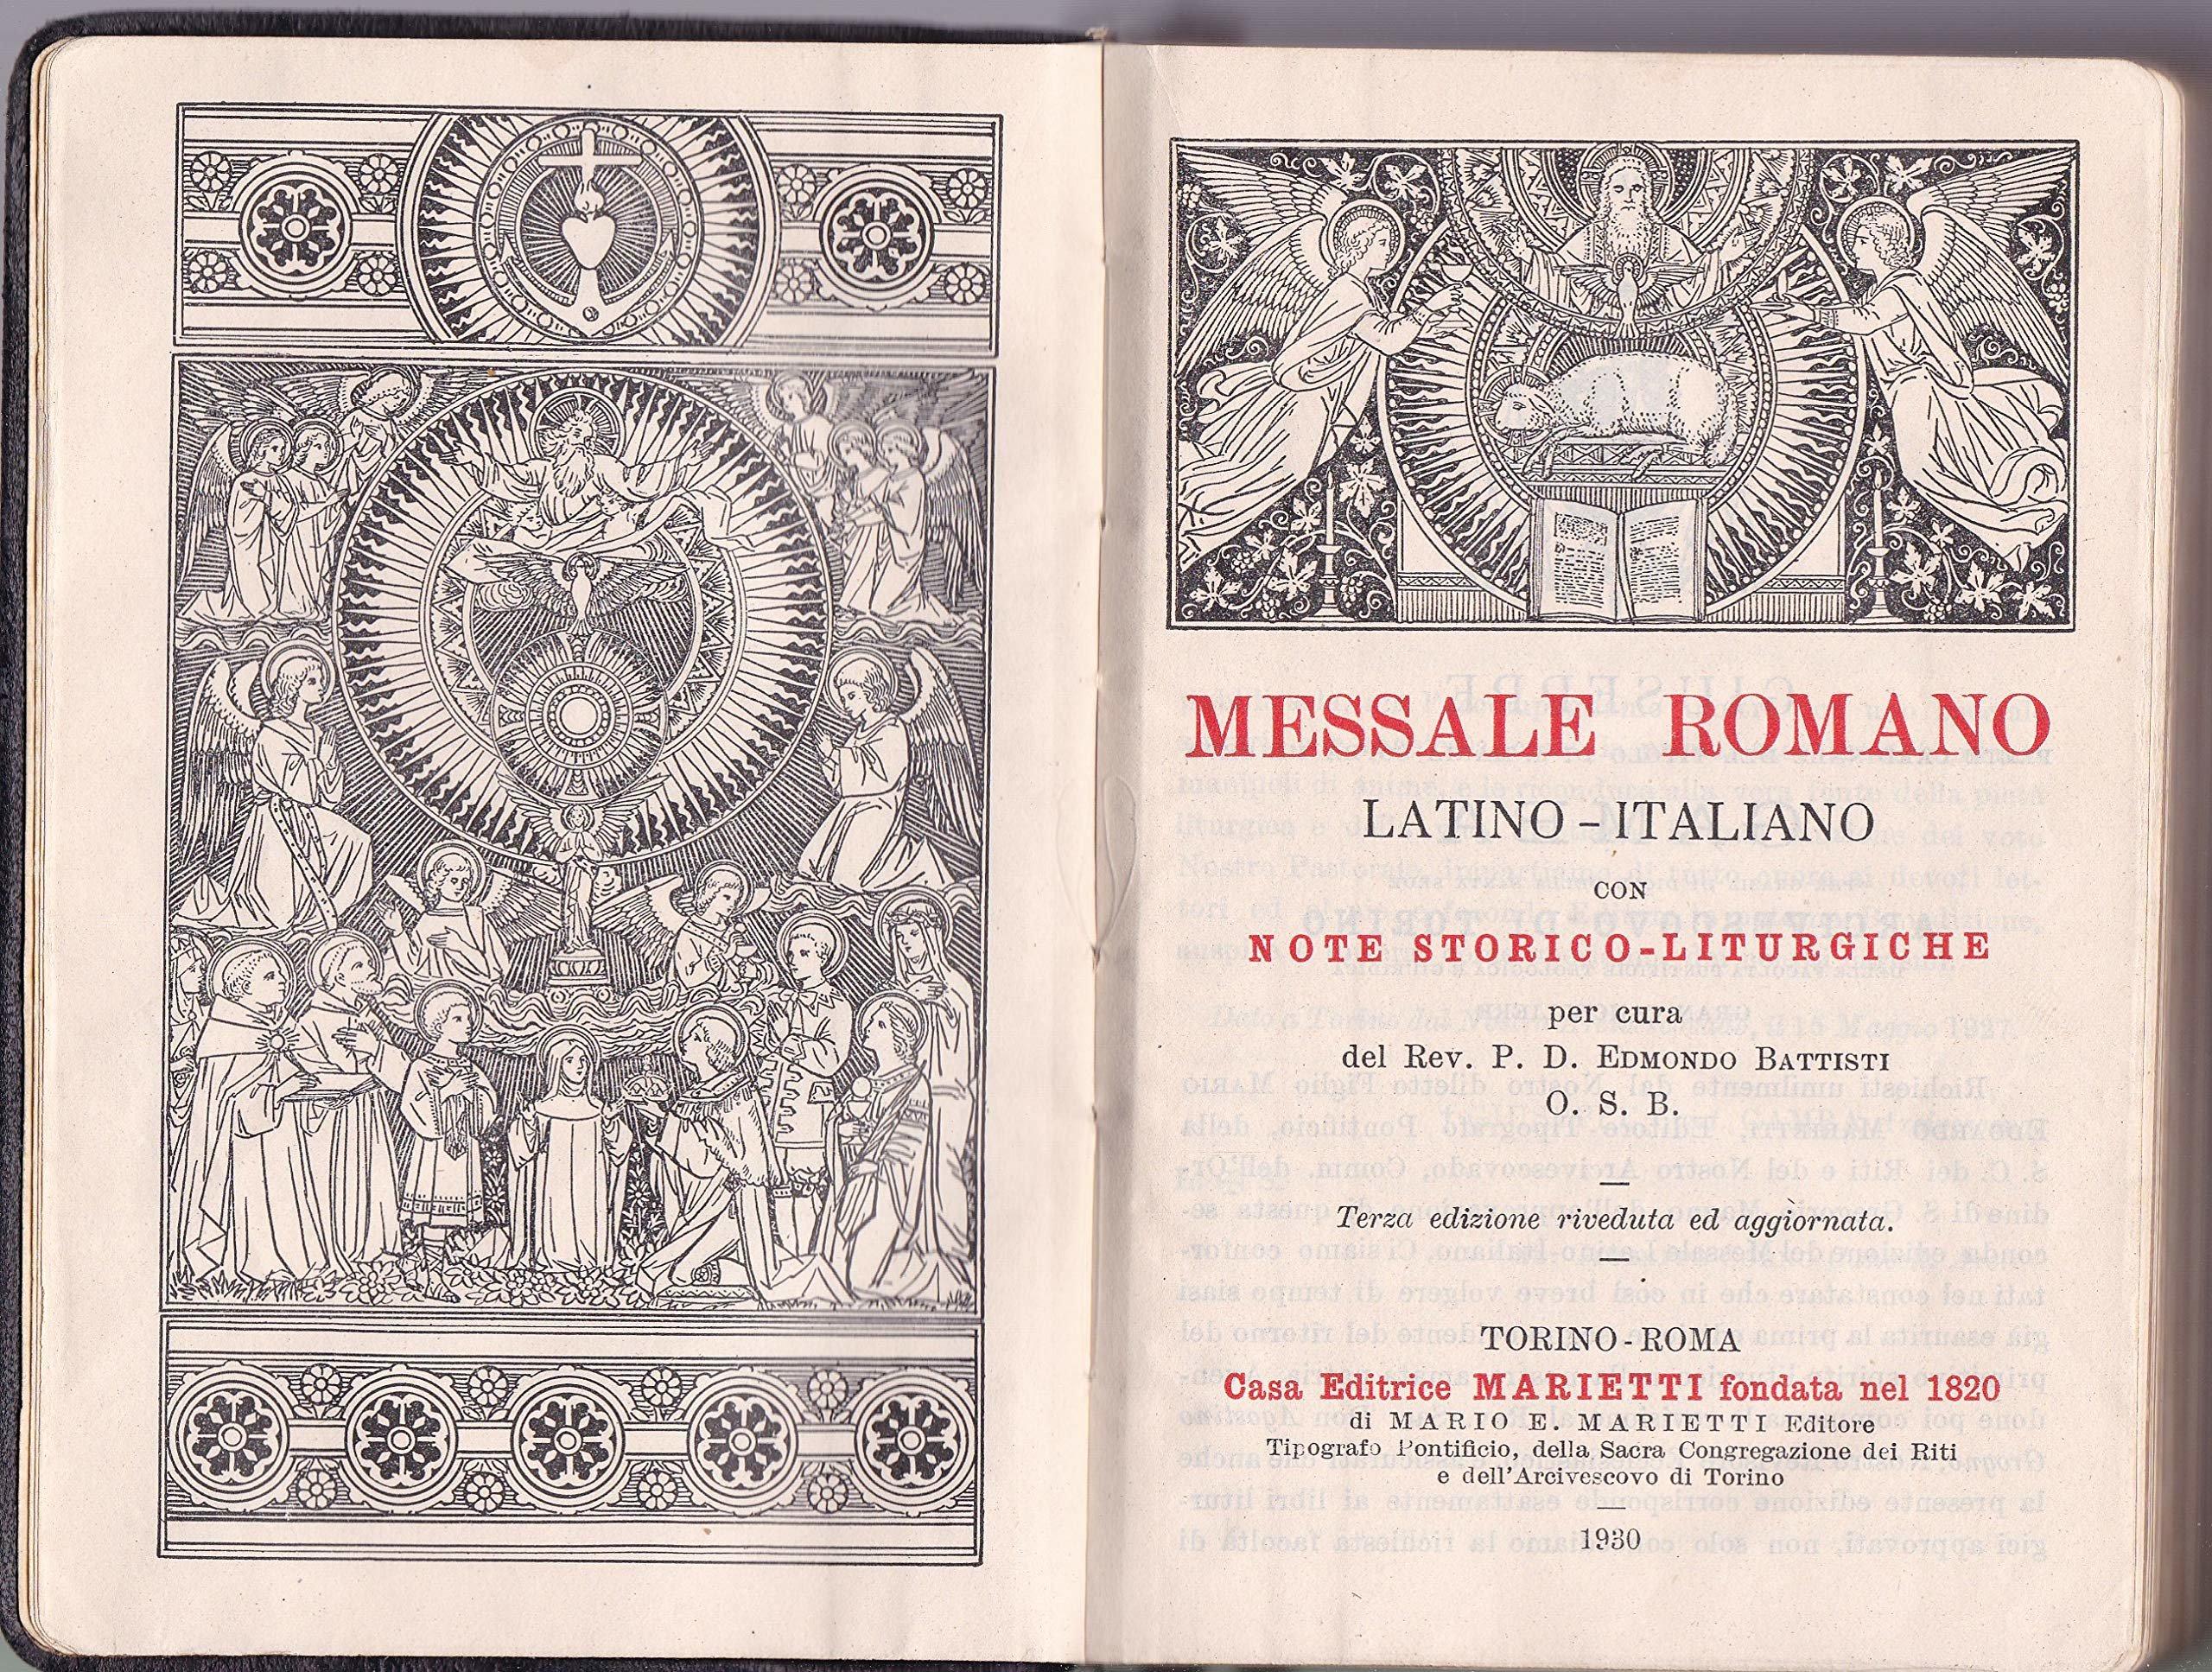 L'inarrivabile messaggio della lingua latina nella Sacra Liturgia